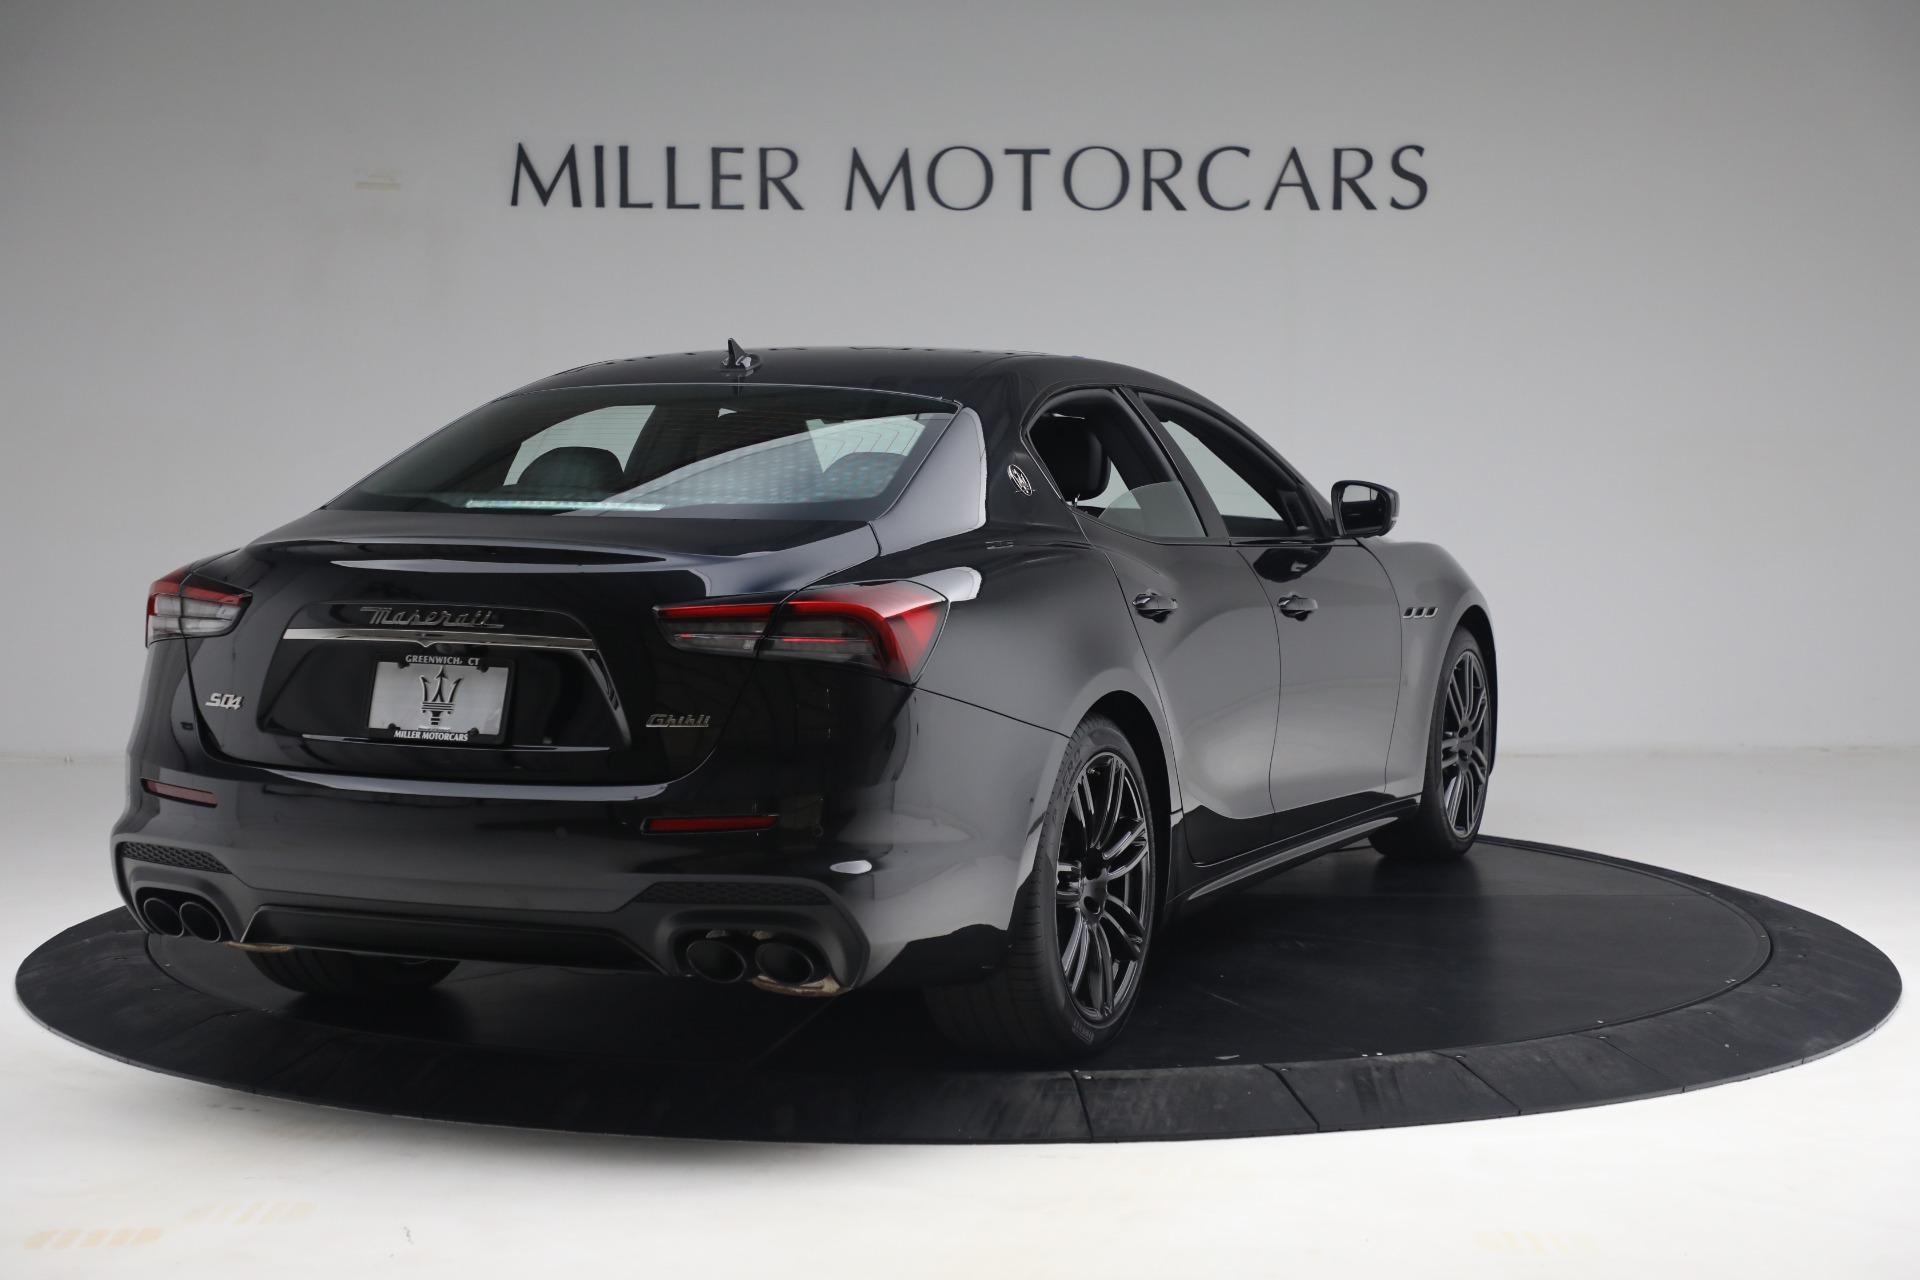 New 2021 Maserati Ghibli SQ4